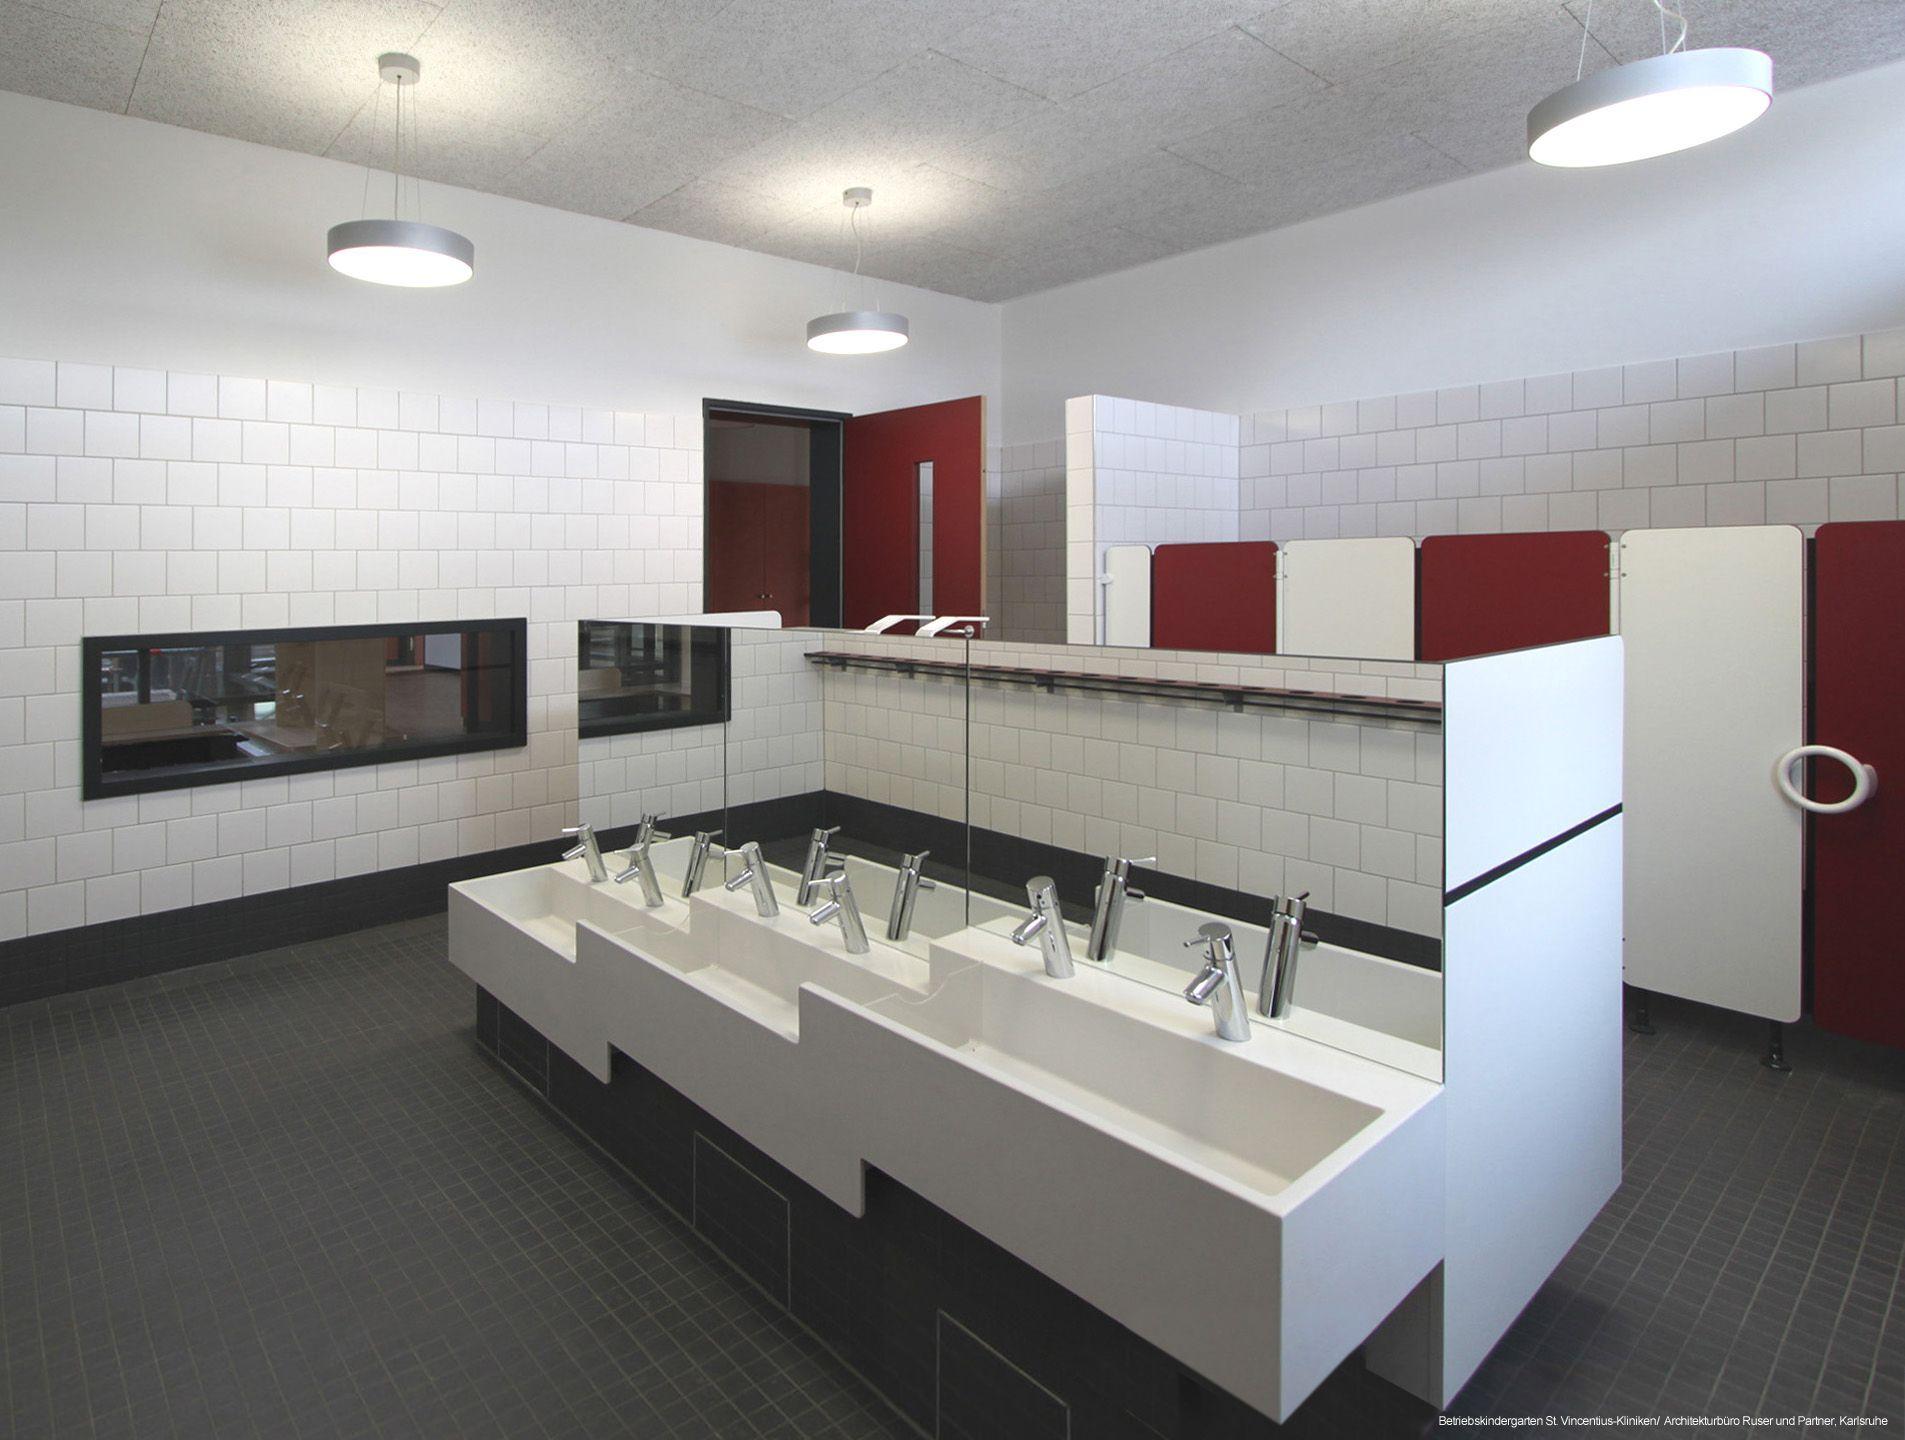 Waschrinne Kindertagesstatte Der St Vincentius Kliniken Karlsruhe In 2020 Raumgestaltung Kita Raumgestaltung Wohnen